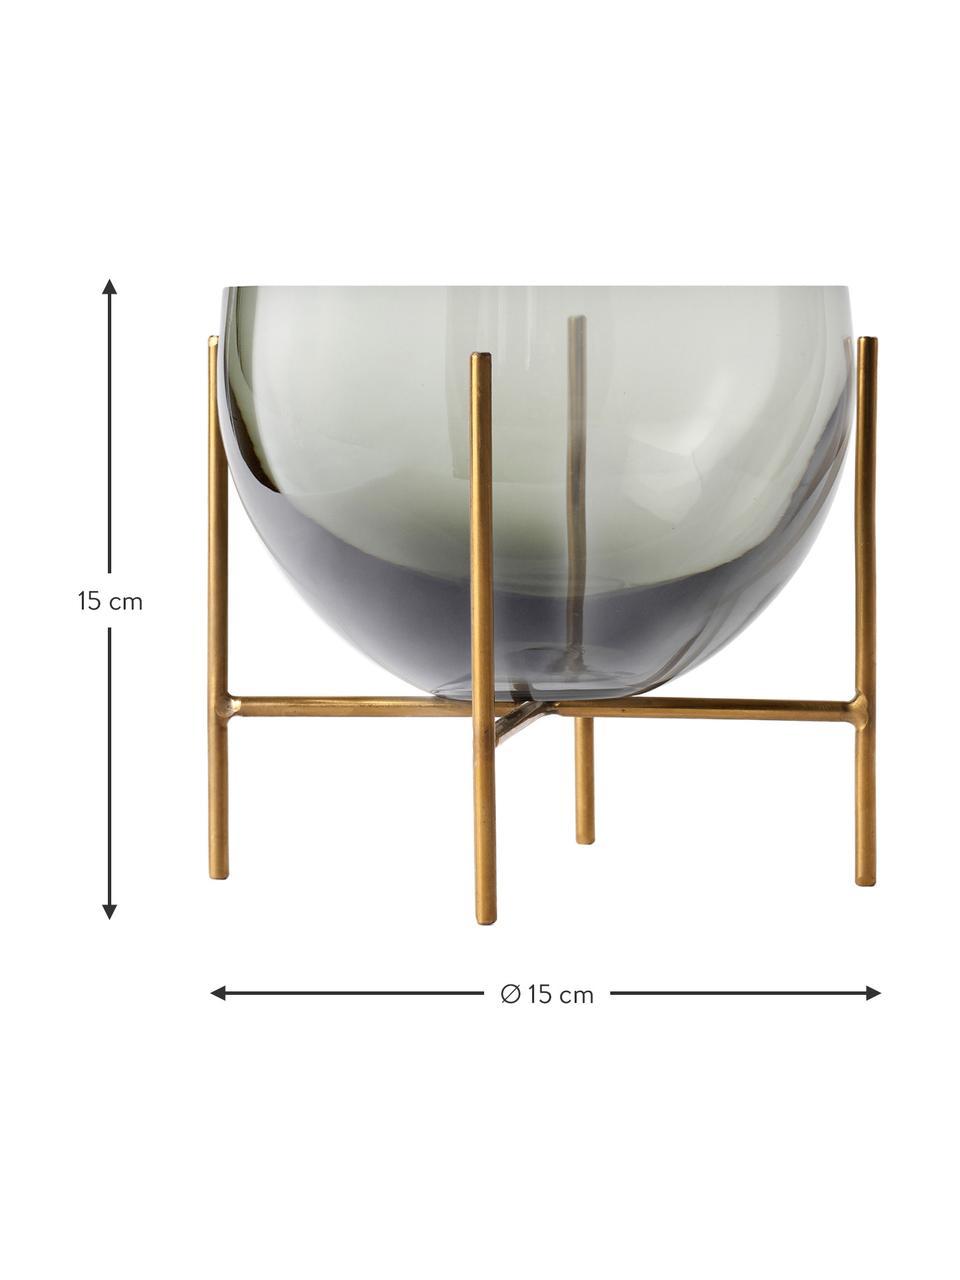 Designer-Schale Échasse, Gestell: Messing, gebürstet, Vase: Glas, Messingfarben, Grau, Ø 15 x H 15 cm